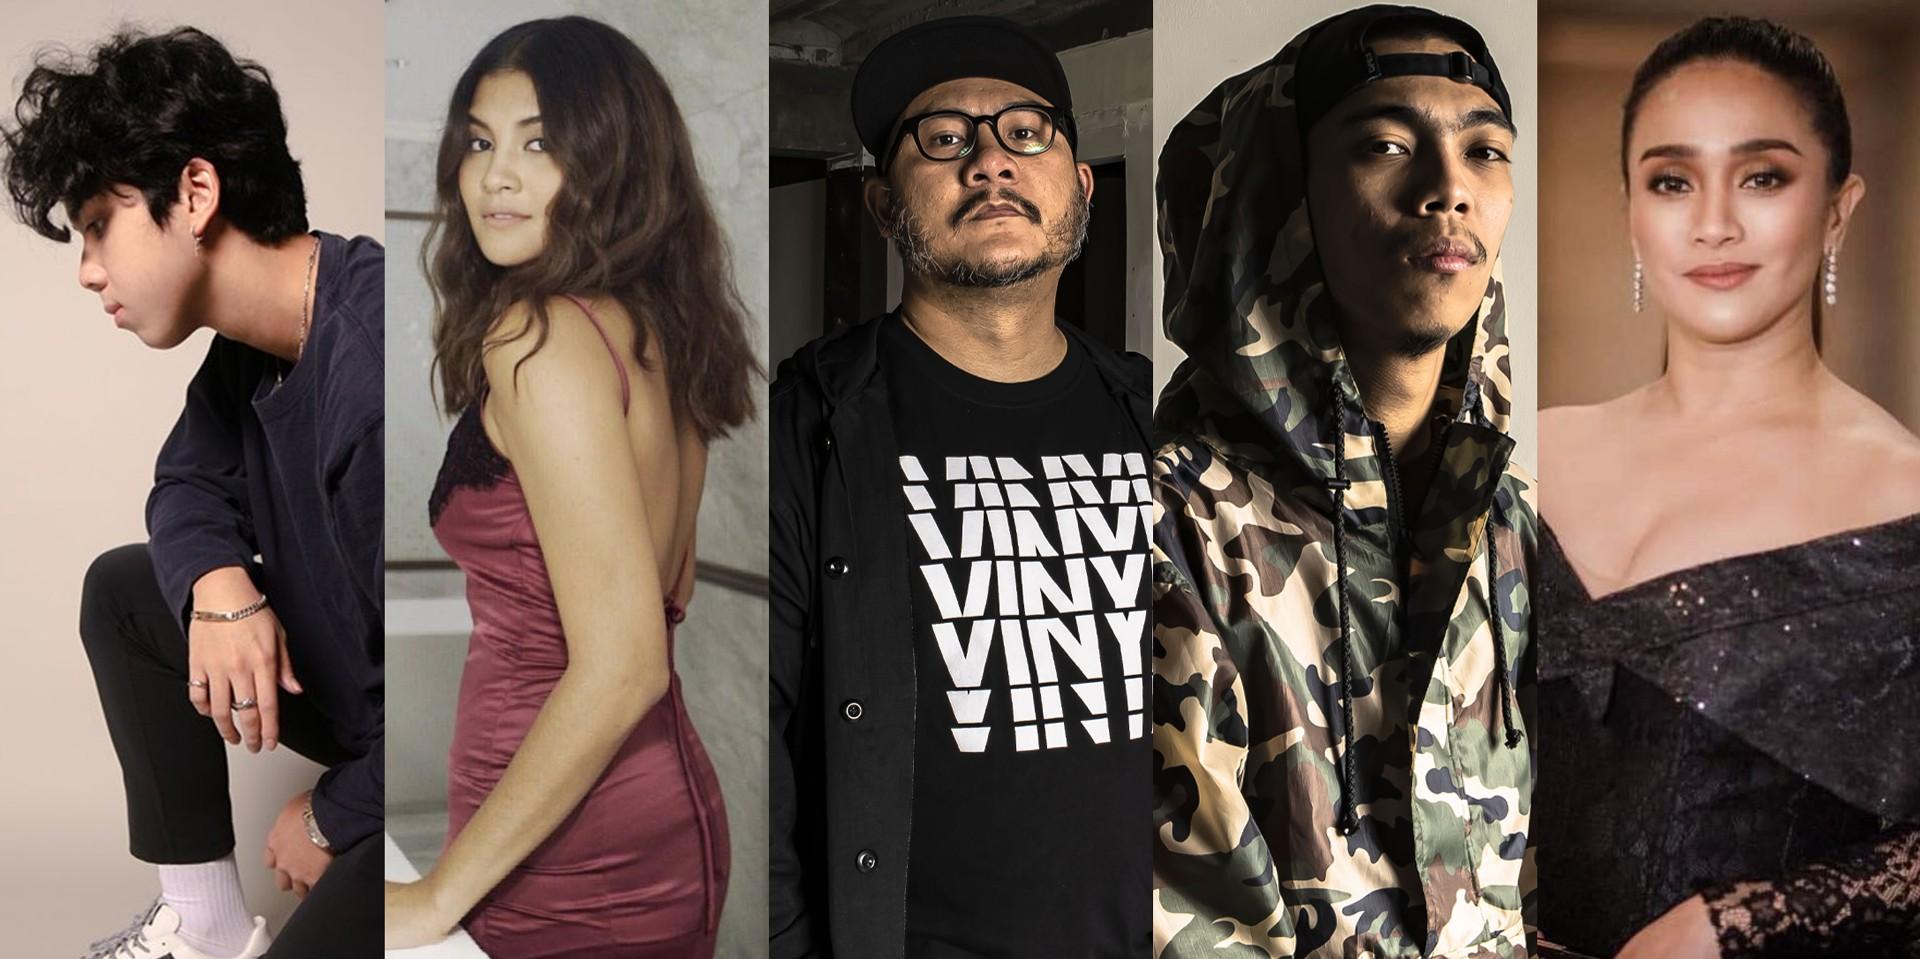 Fern., Kiana Valenciano, KJah, Juss Rye, Joana Ampil, and more release new music